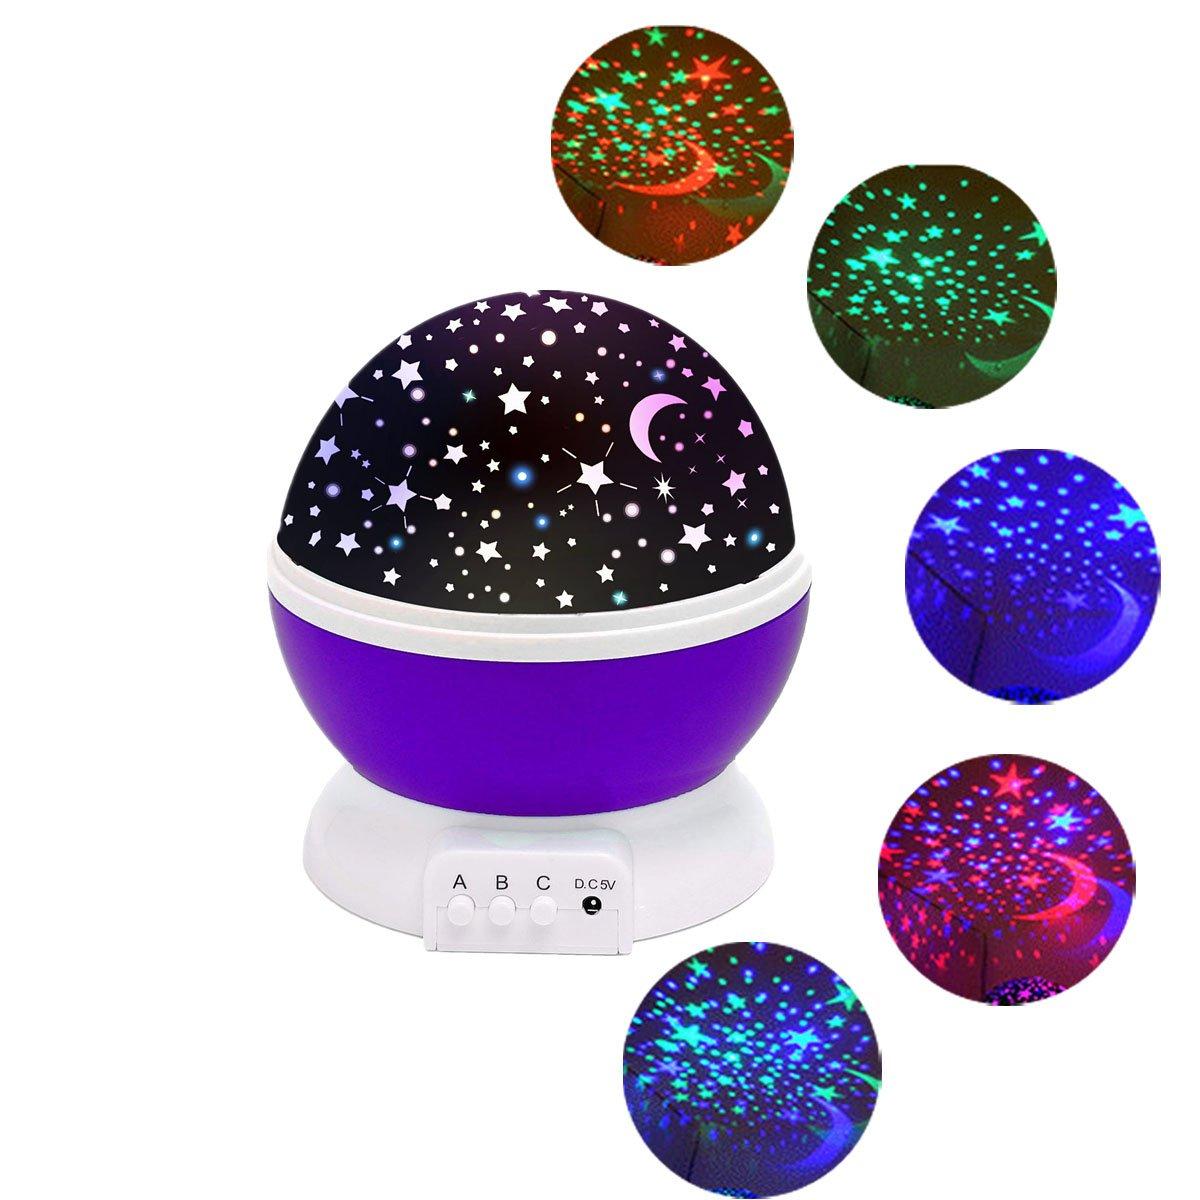 Star lighting Lamp SOLMORE 4 LED beads 360 Degree Romantic Lamp Relaxing Mood Light Baby Nursery Bedroom Children Room Christmas Gift Purple